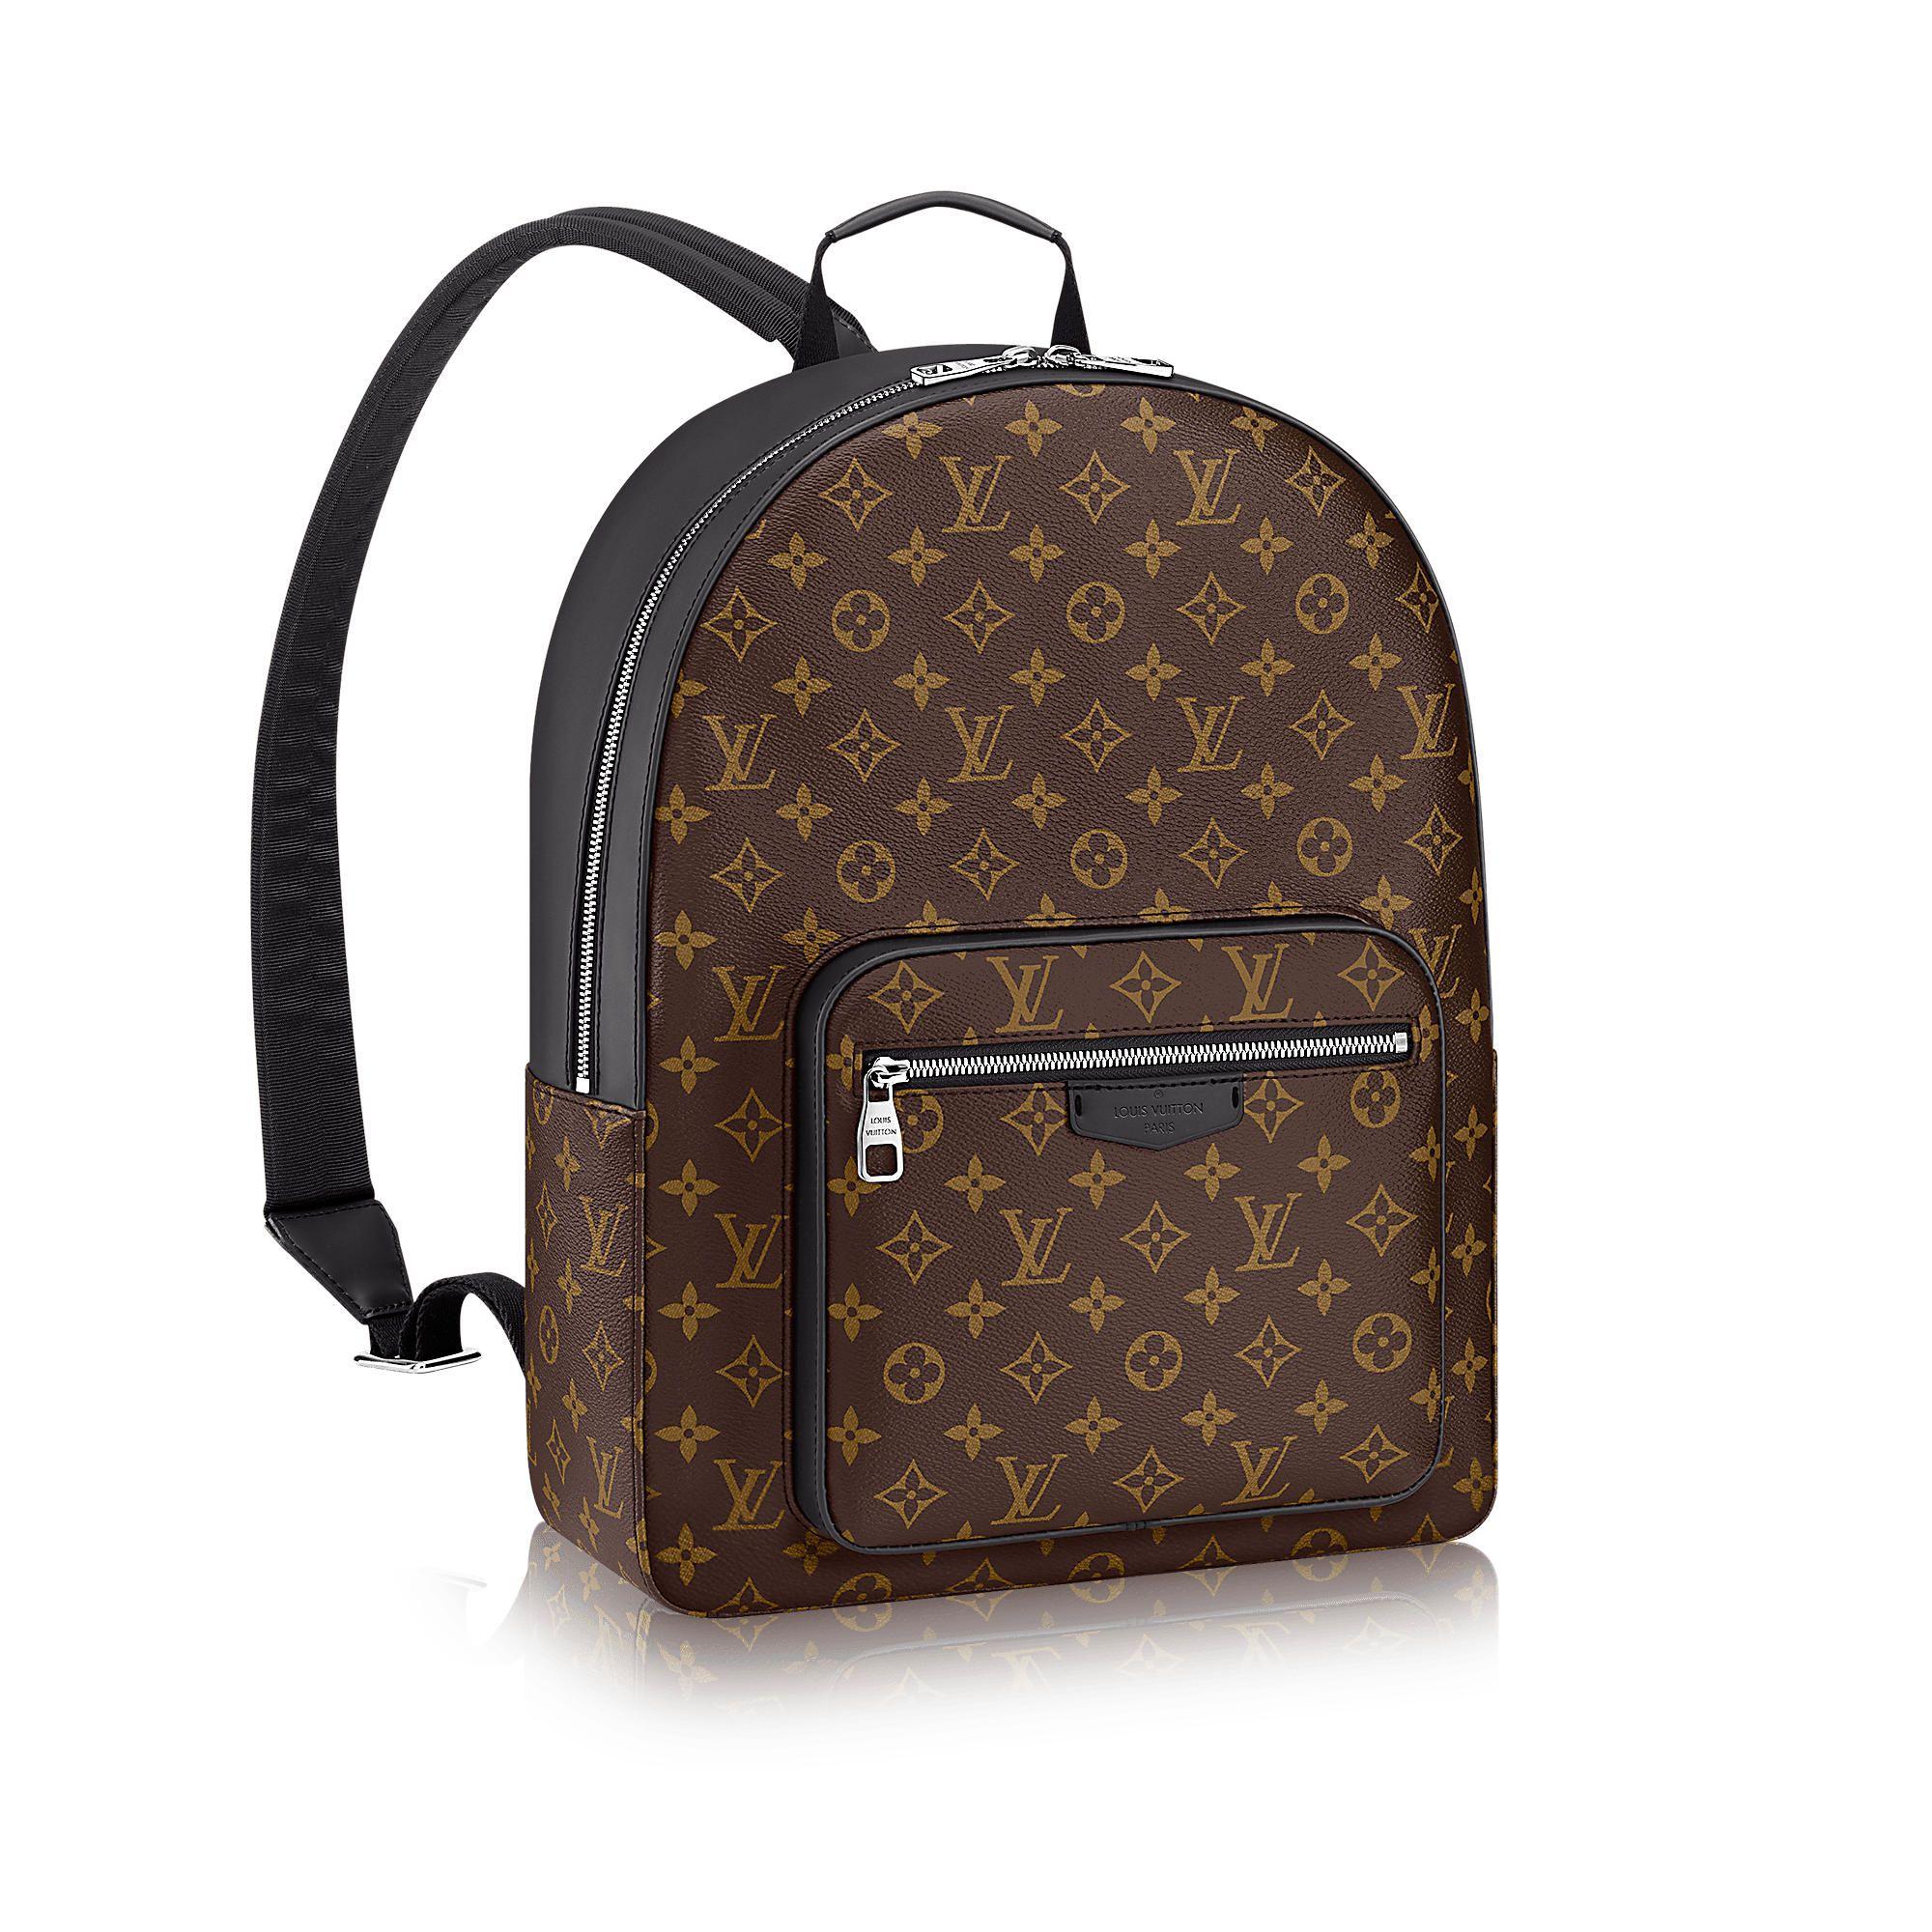 Resultado de imagen para mochilas louis vuitton   Sac homme   Louis ... b6623f9272e